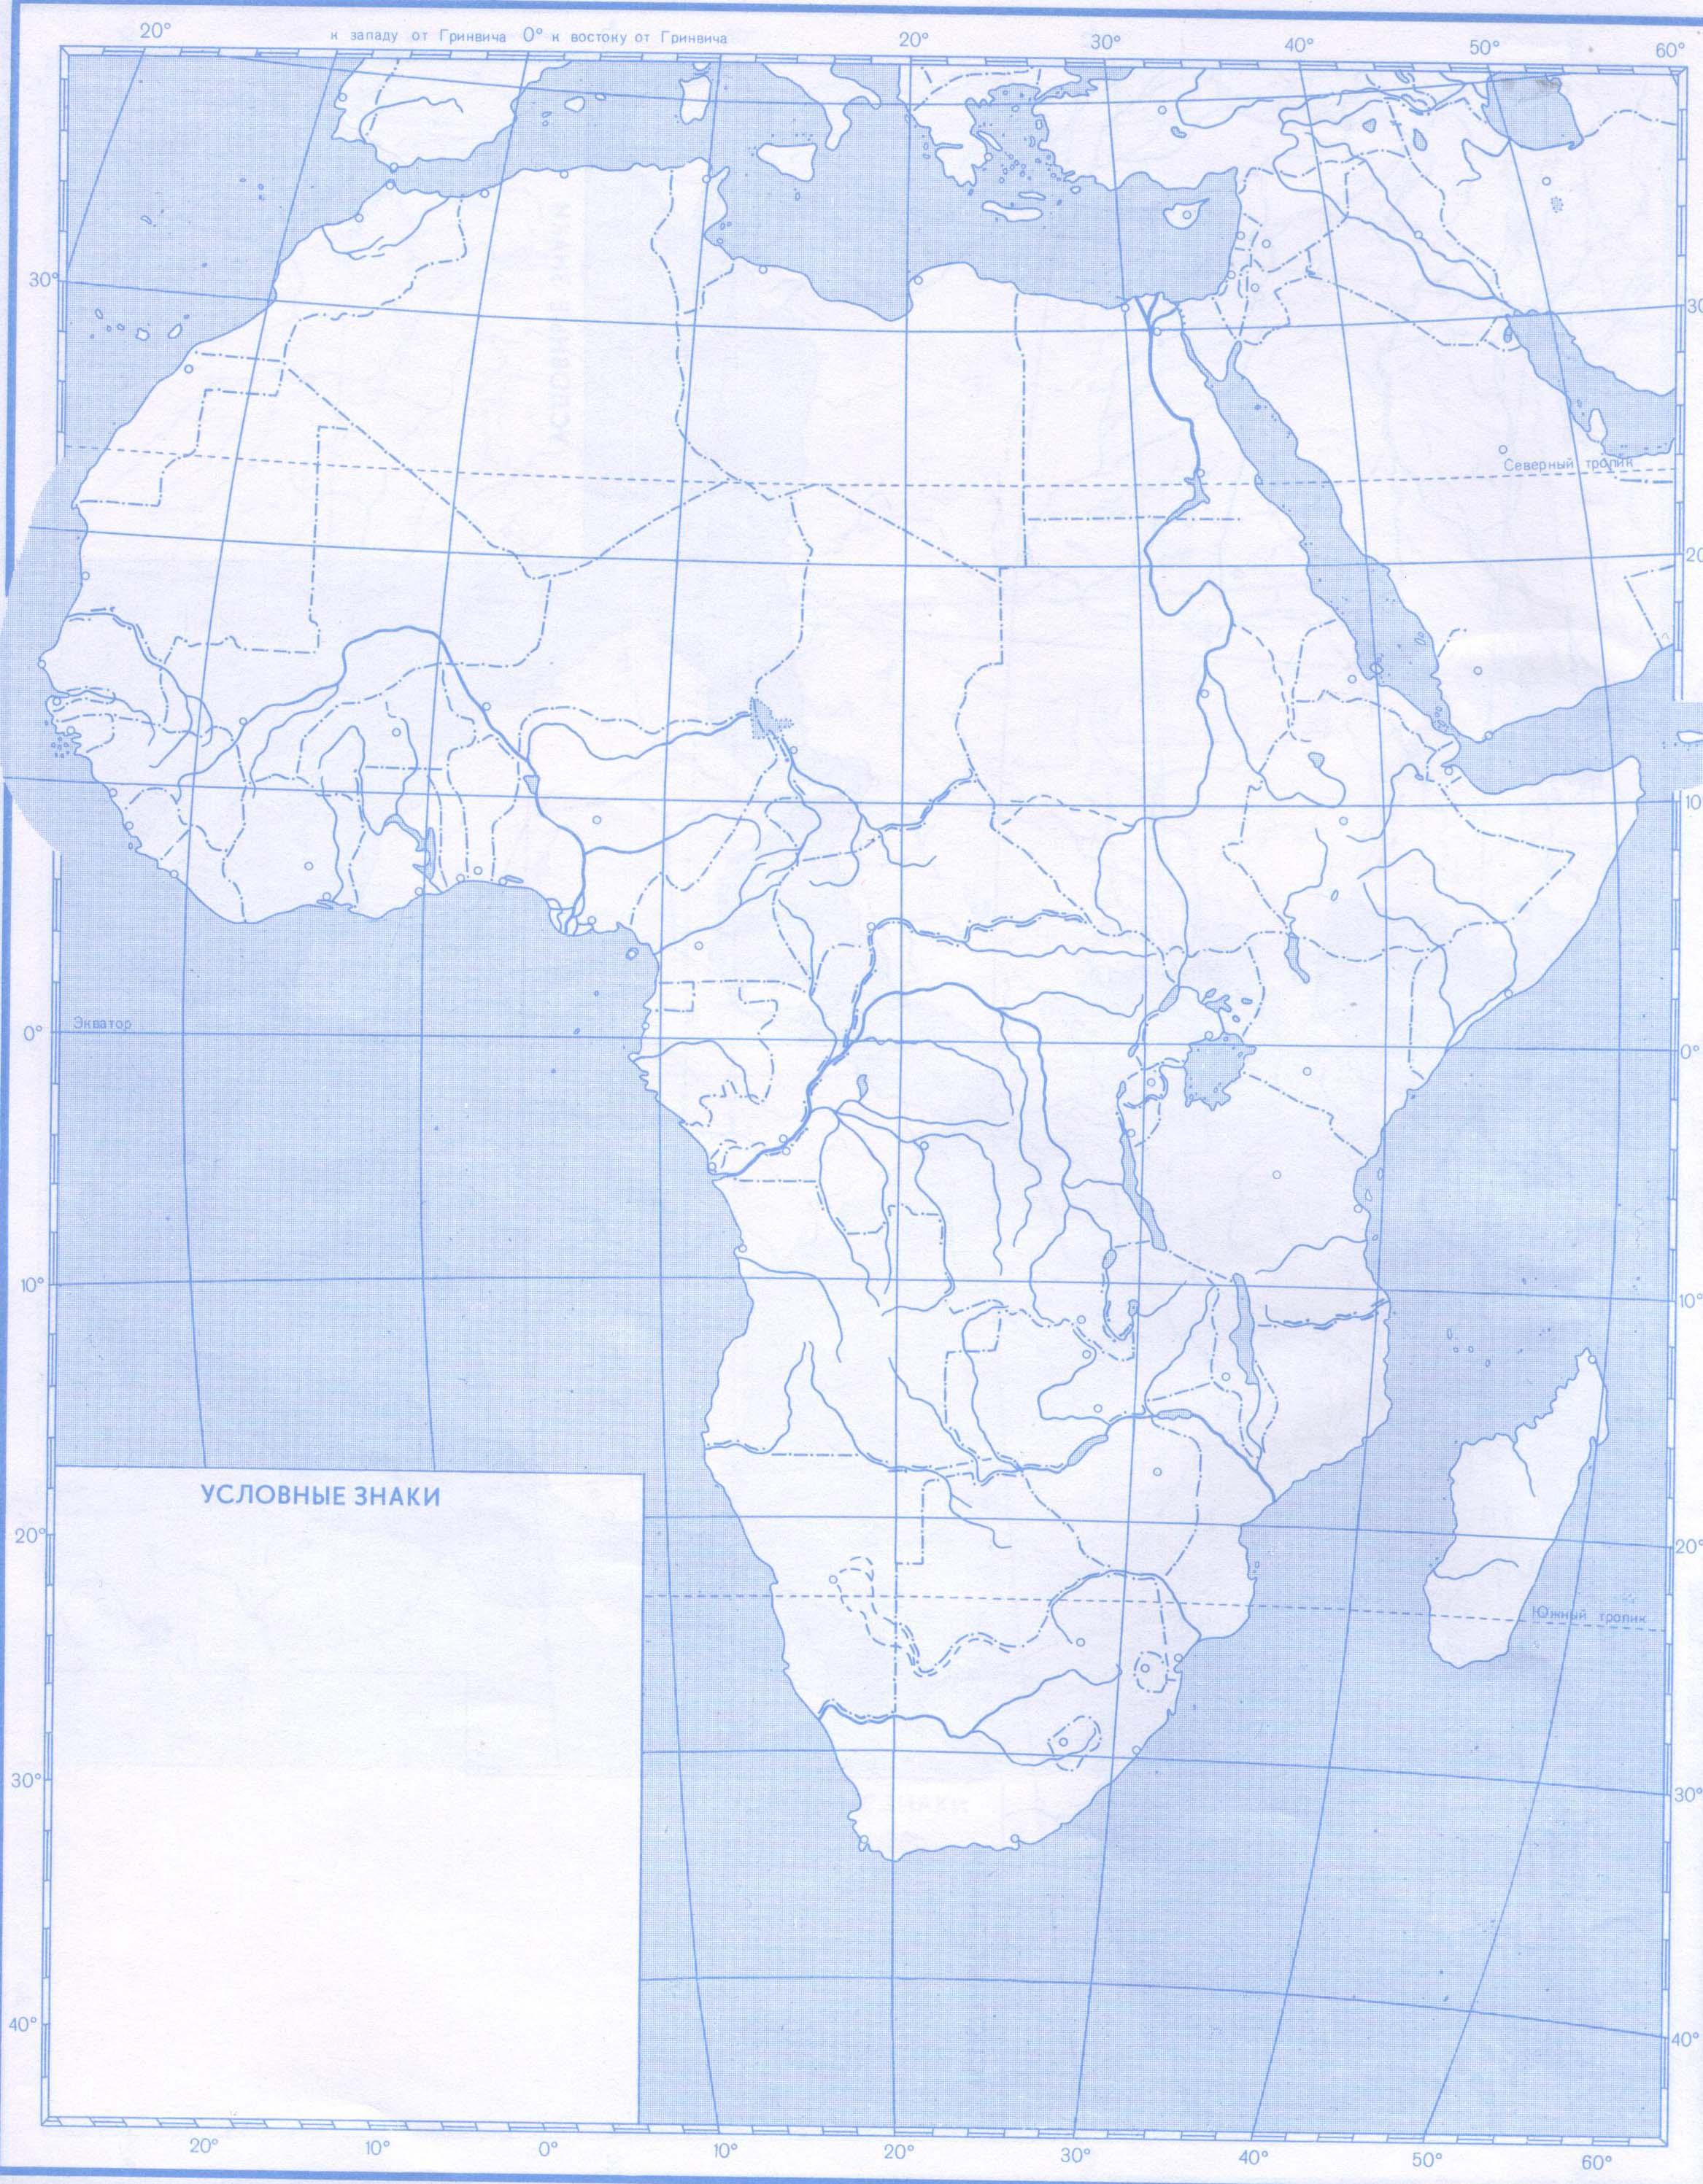 ответы к контурной карте по географии 7 класс скачать